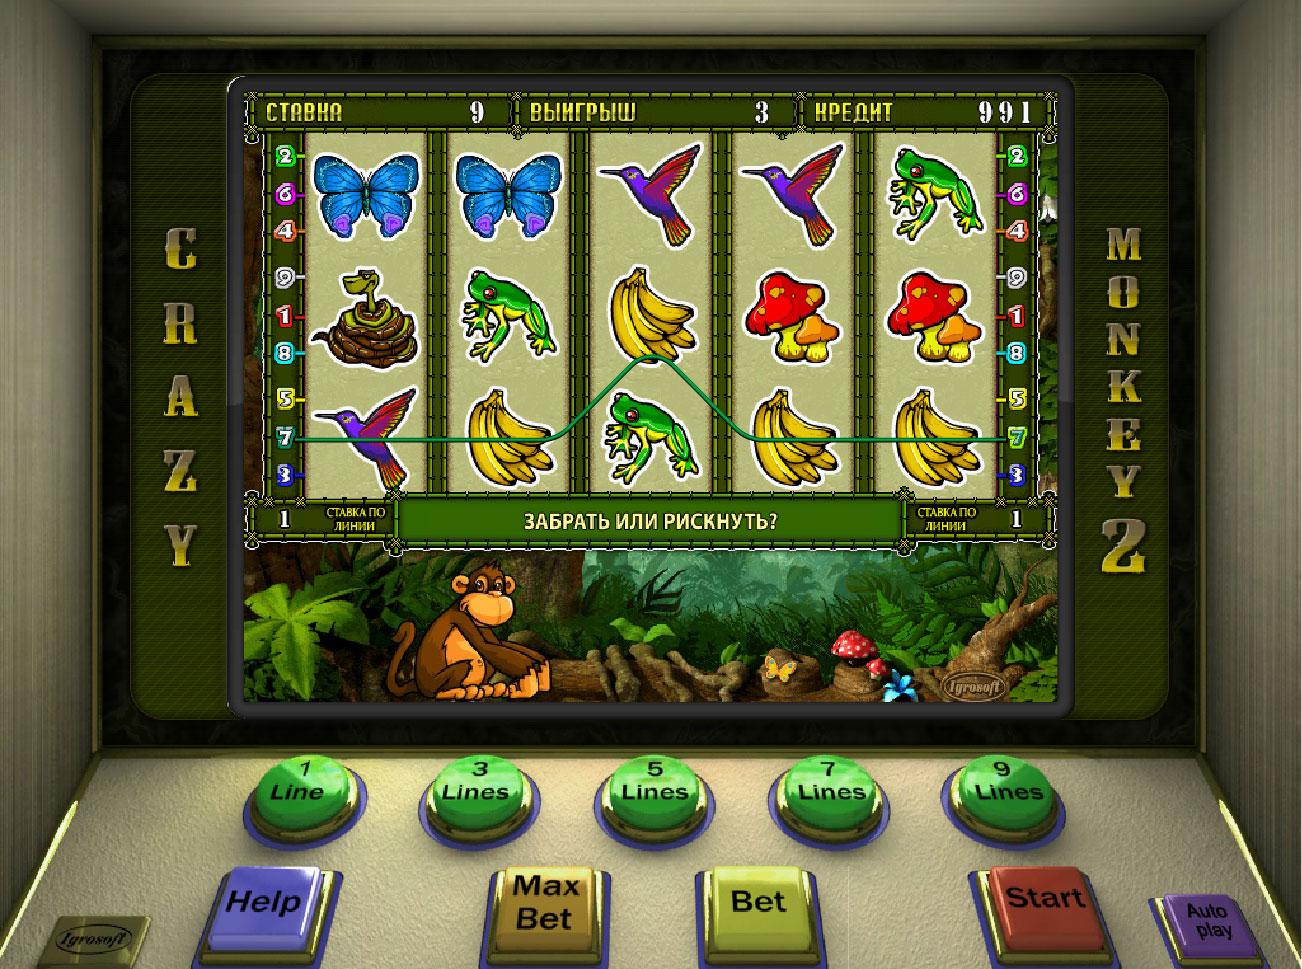 Інтерфейс ігрового автомата Мавпочка 2